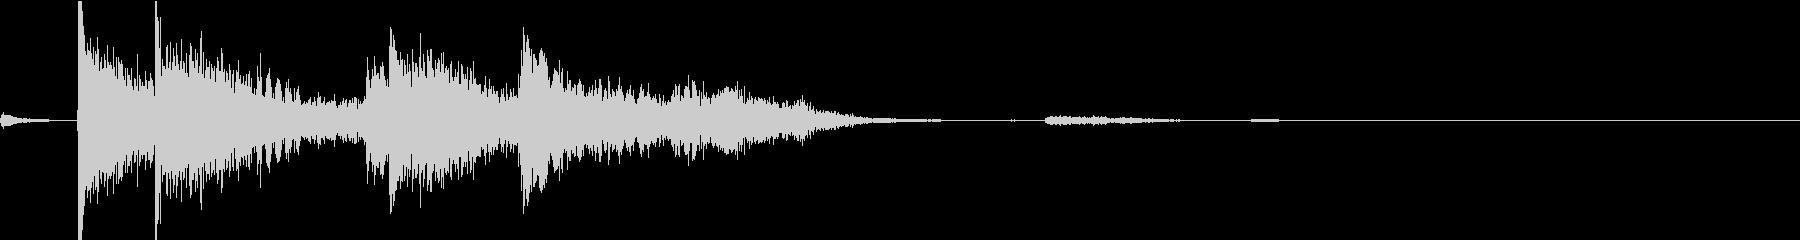 【生録音】刀・剣・鎌が手から落ちる音 1の未再生の波形